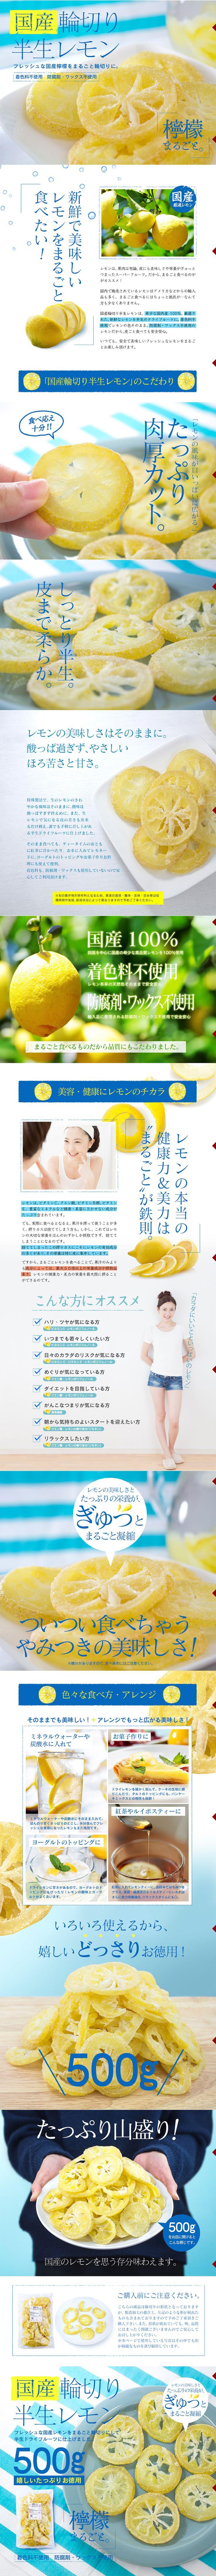 国産輪切り半生レモン|WEBデザイナーさん必見!ランディングページのデザイン参考に(シンプル系)